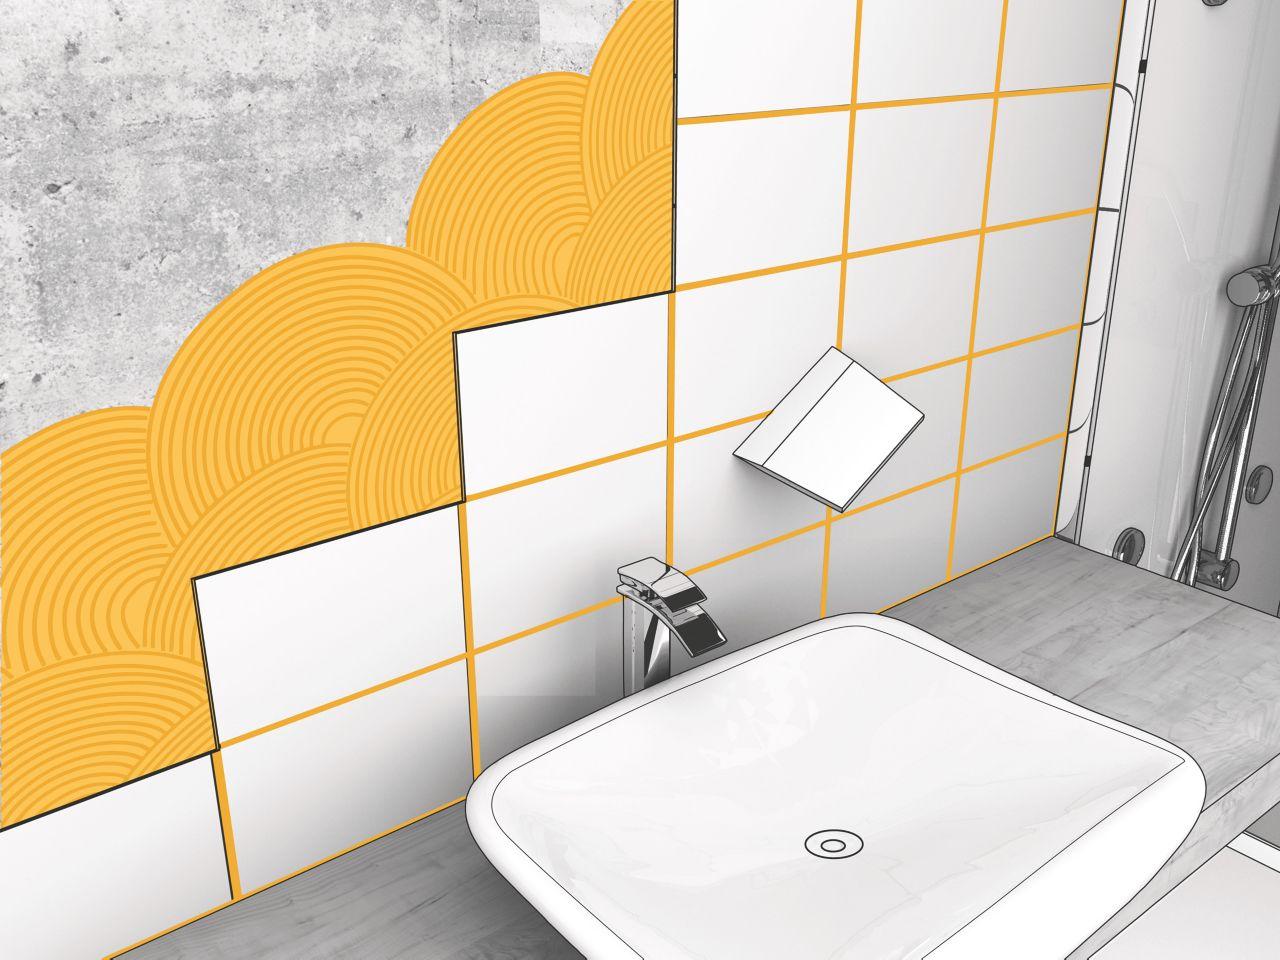 瓷砖设置在浴室配有西卡陶瓷胶粘瓷砖胶粘剂